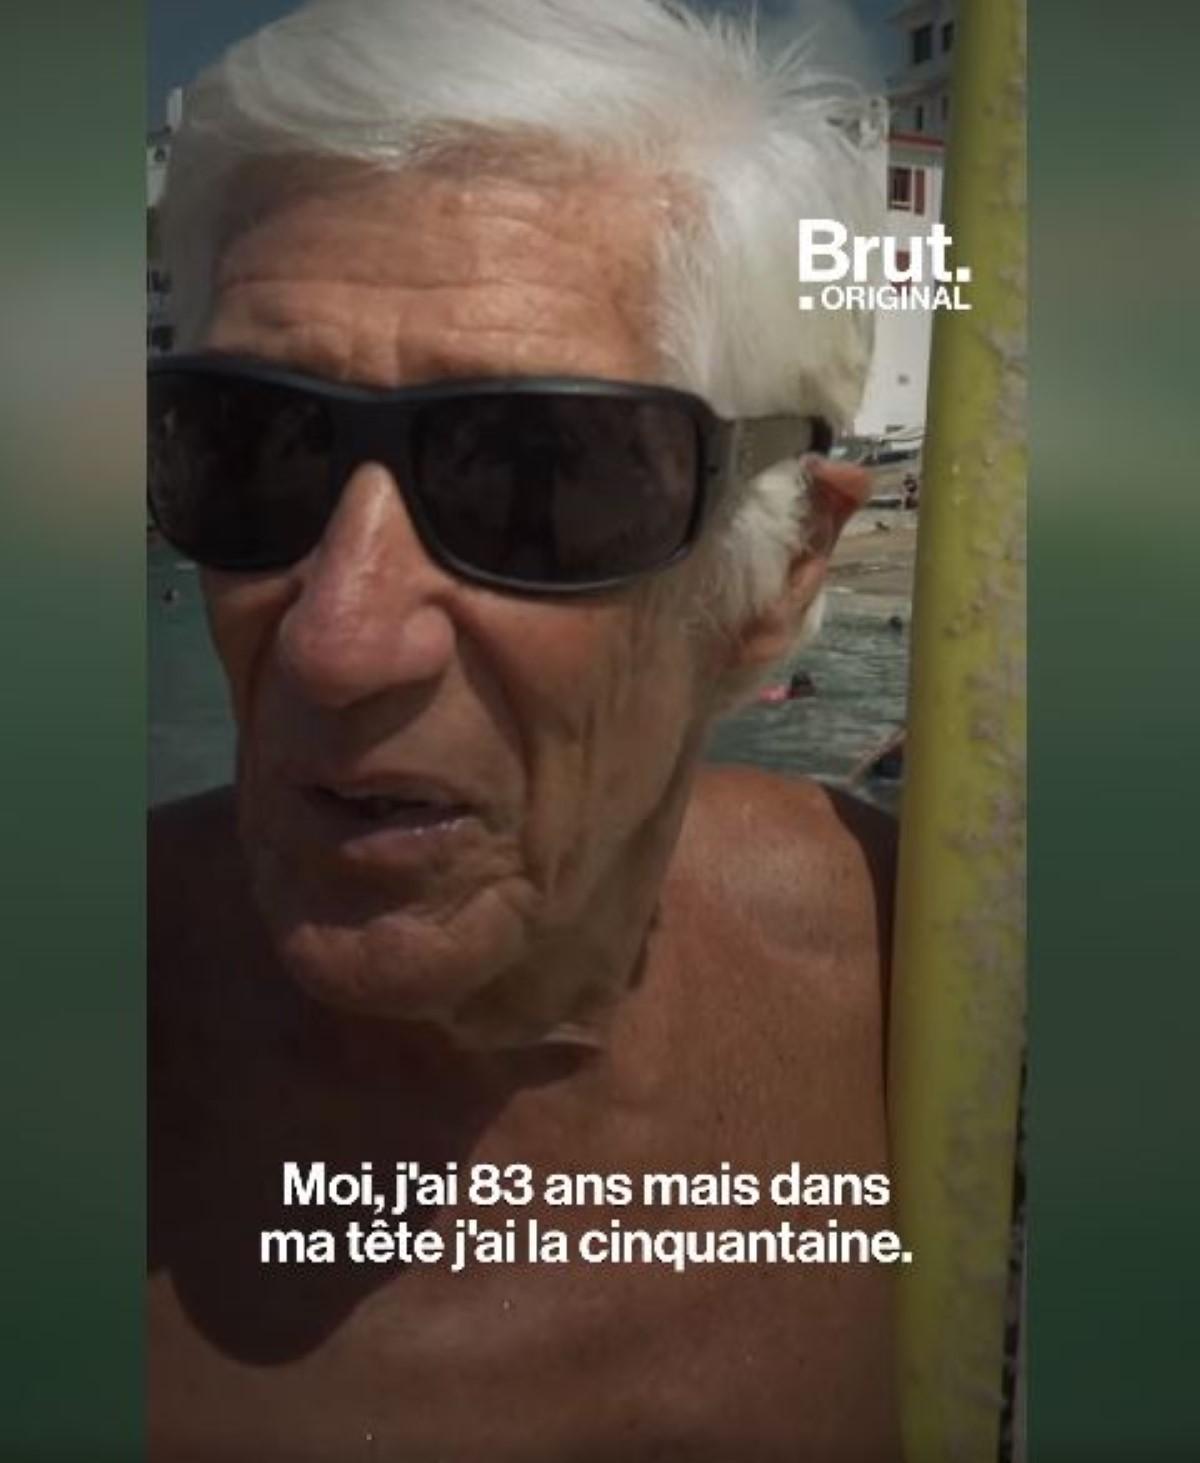 [Vidéo] Joël de Rosnay, mauricien et pionnier du surf français, surfe encore à 83 ans